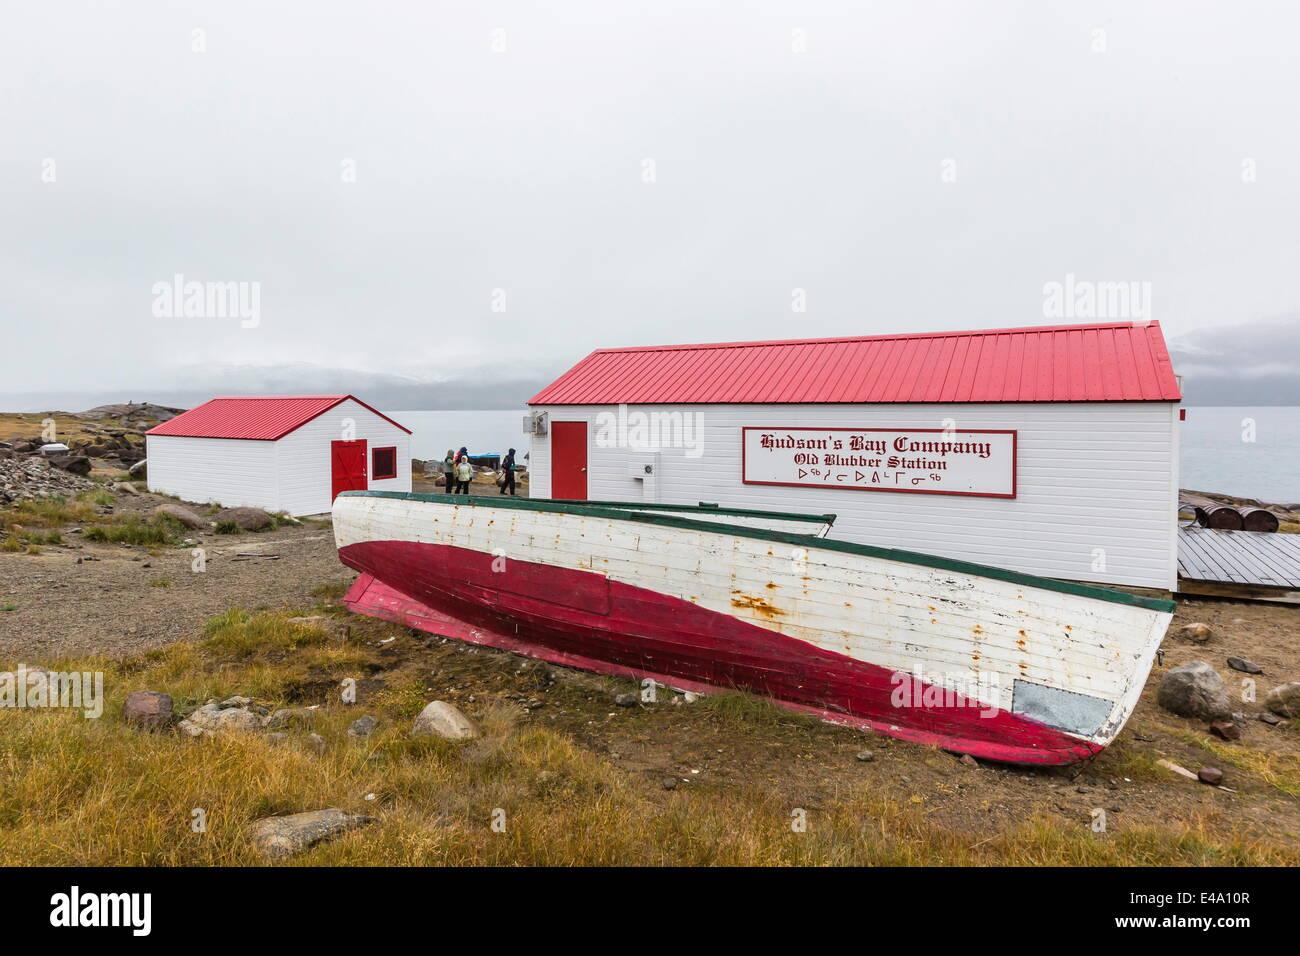 La compañía de la Bahía de Hudson en la estación ballenera Pangnirtung, Nunavut, Canadá, Imagen De Stock